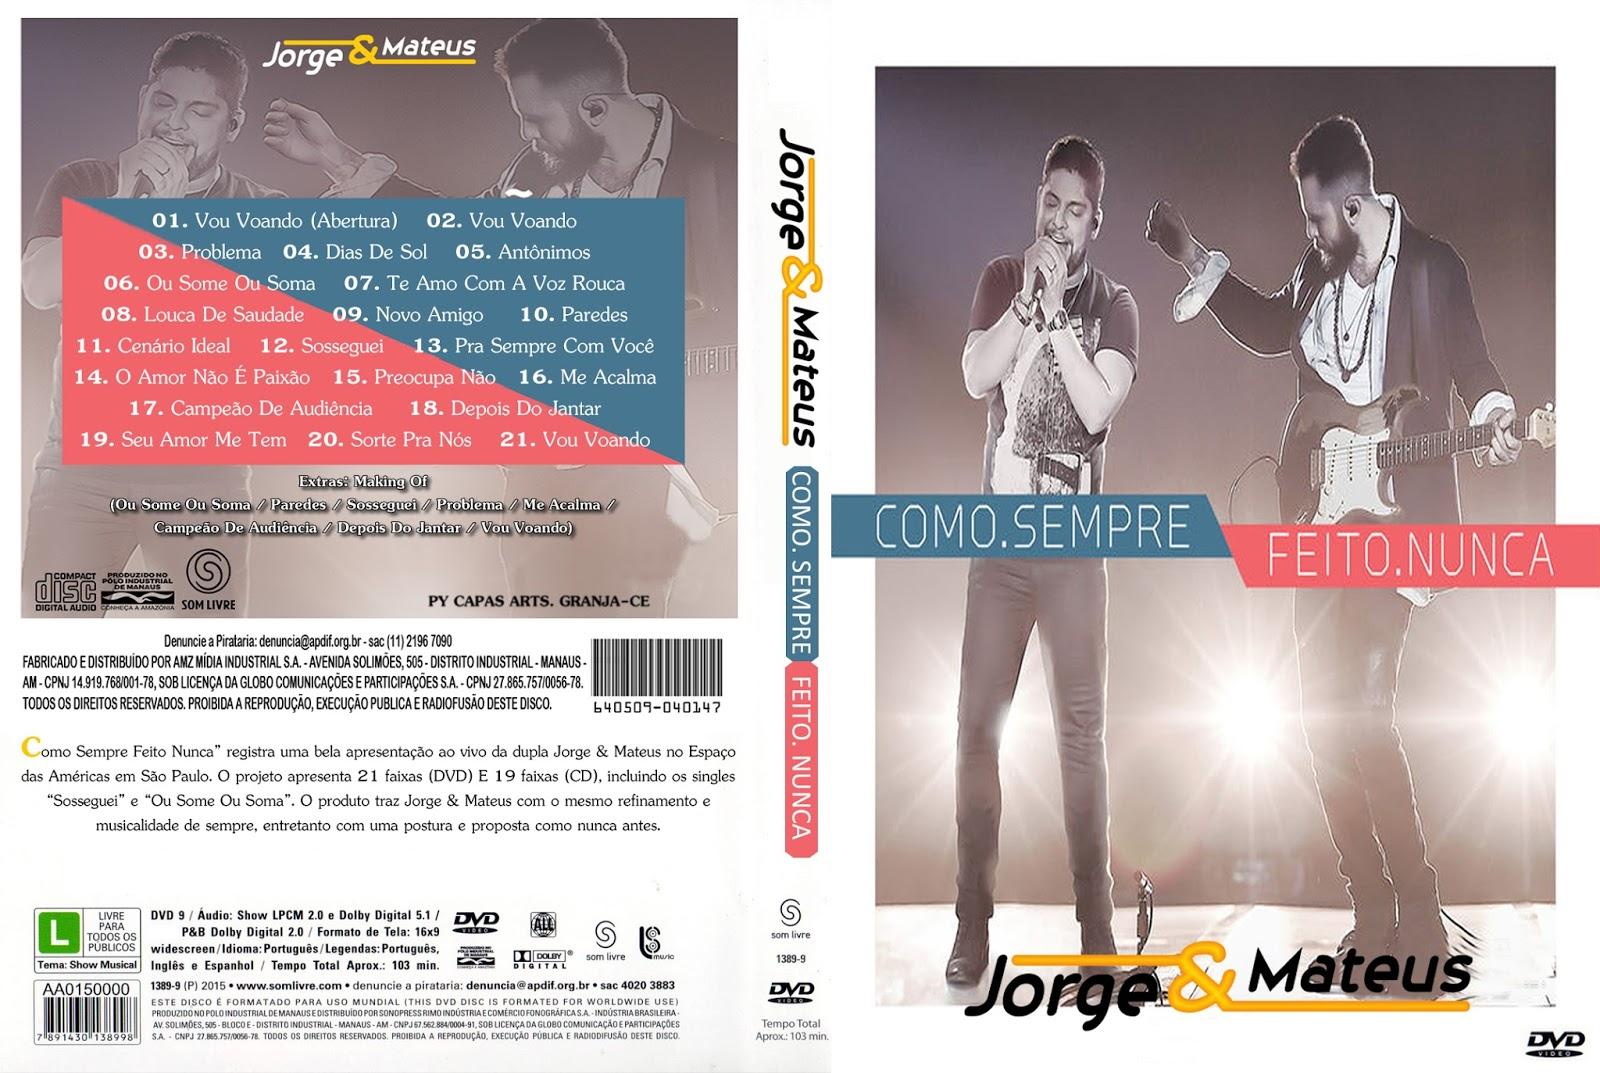 Jorge & Mateus Como Sempre Feito Nunca DVD-R Jorge 2B 2526 2BMateus 2BComo 2BSempre 2BFeito 2BNunca 2BDVD R 2BXANDAODOWNLOAD